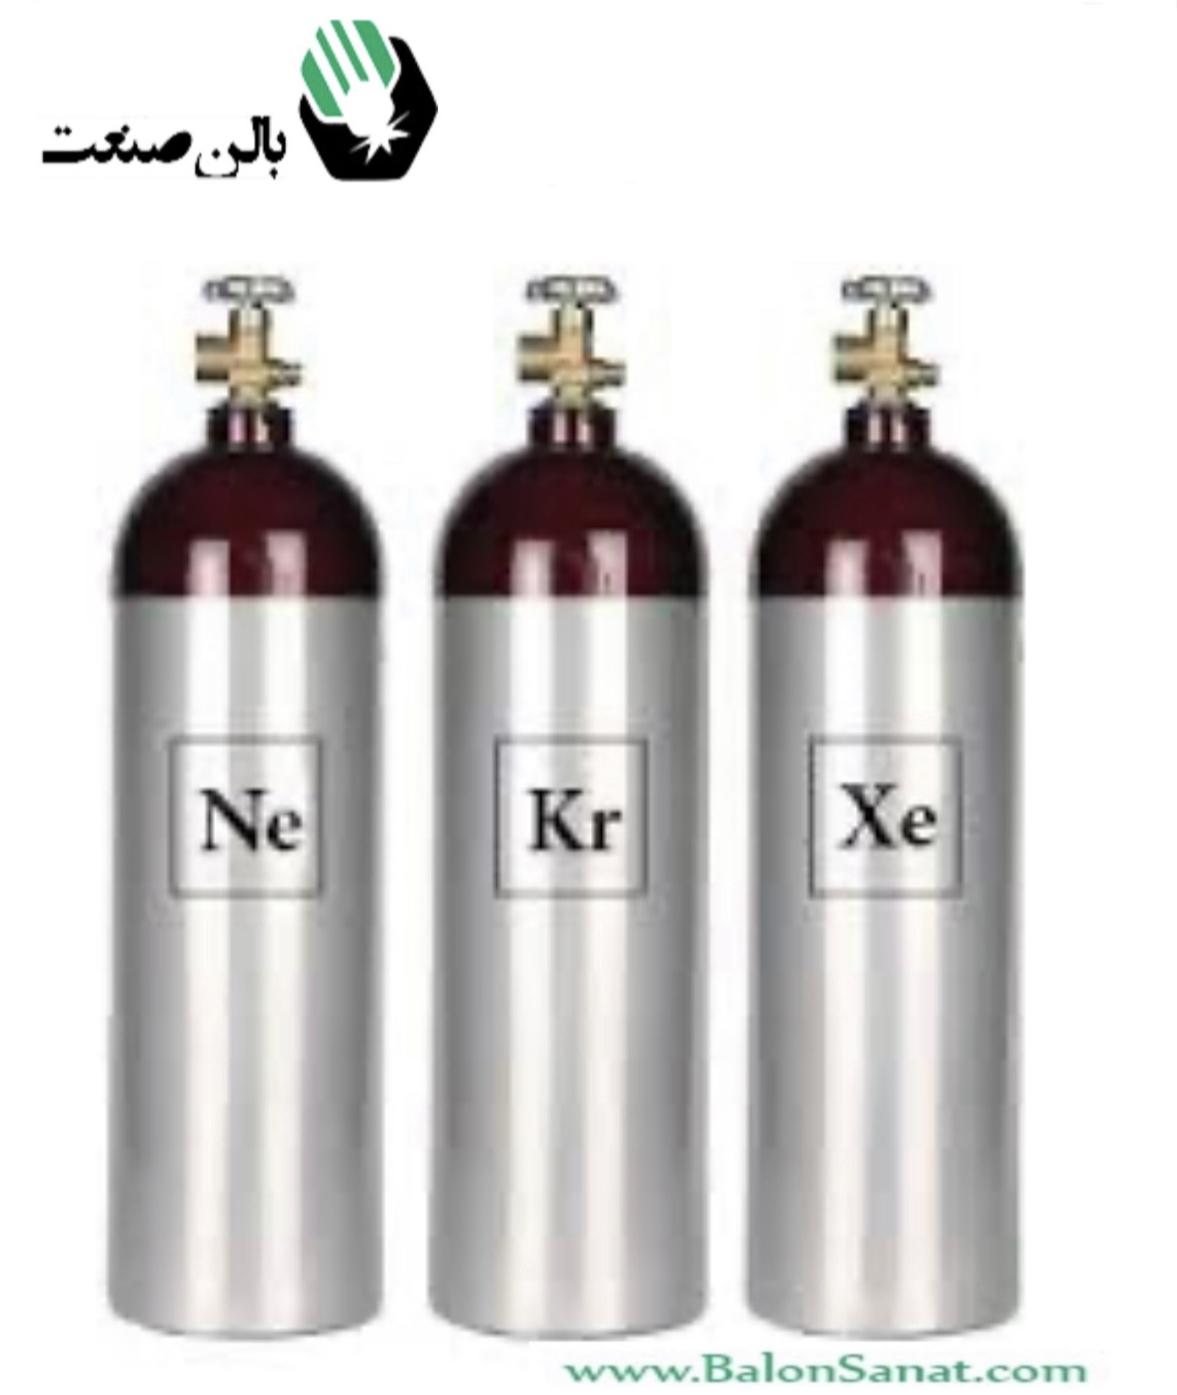 معرفی گاز کریپتون (خواص و کاربردها)